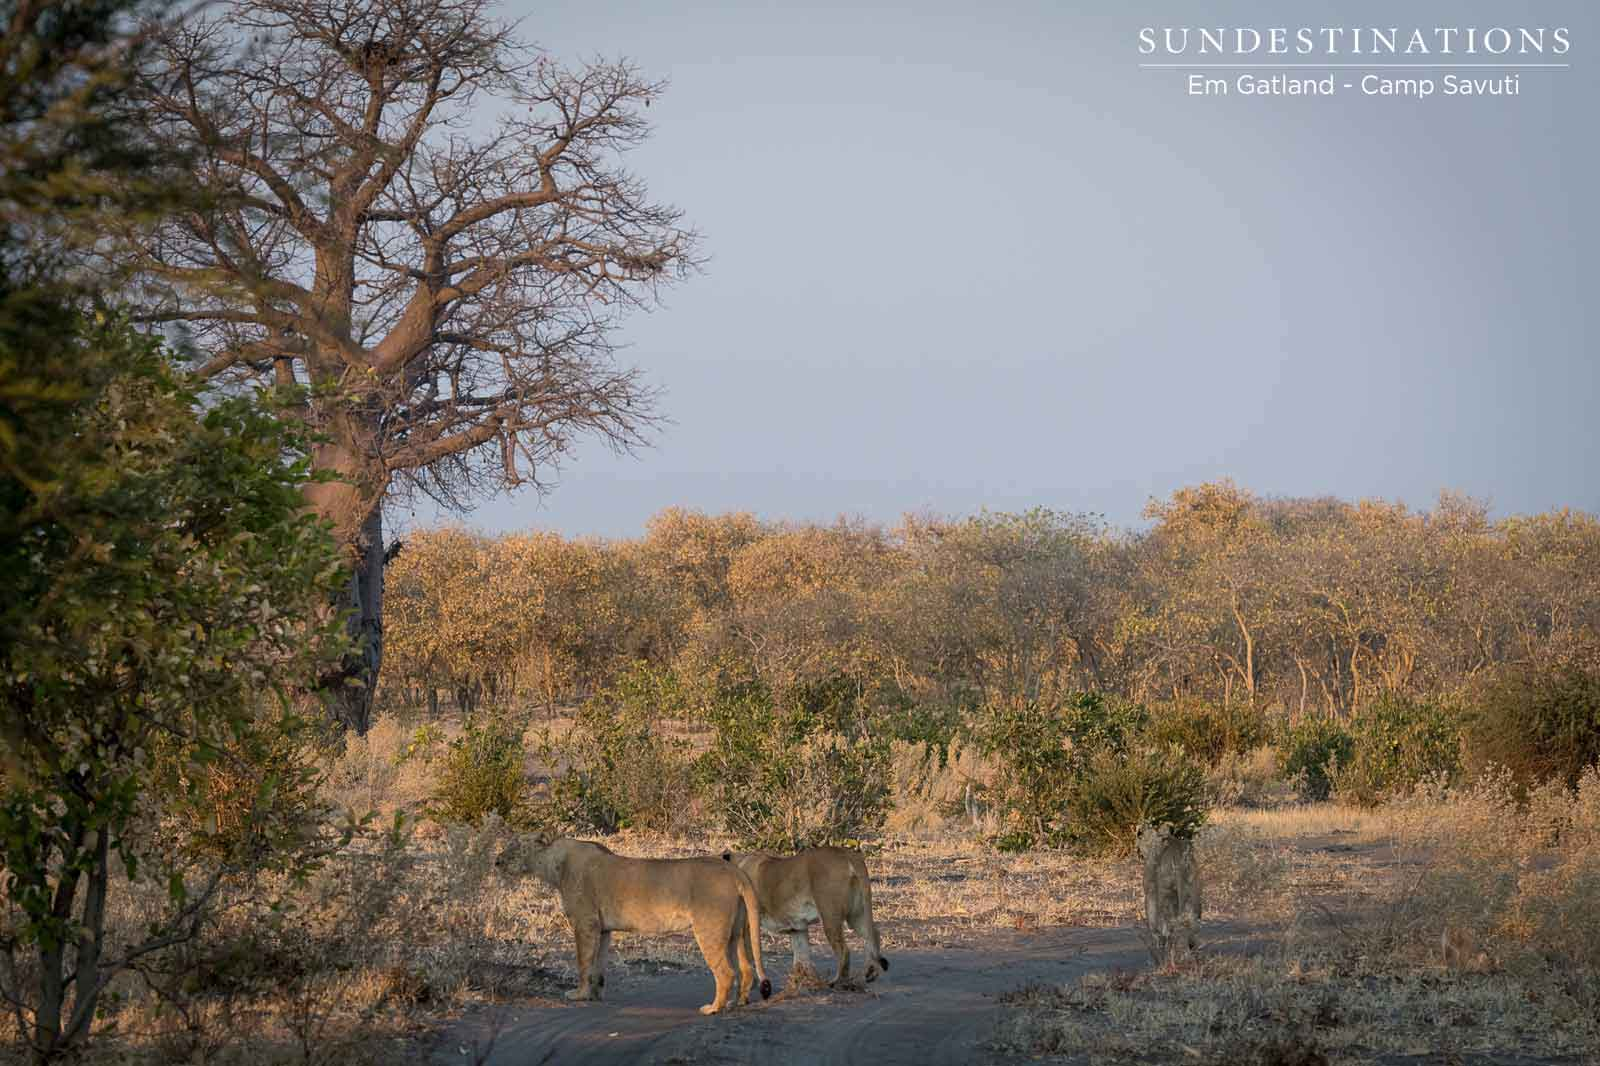 Pride of Lions at Camp Savuti